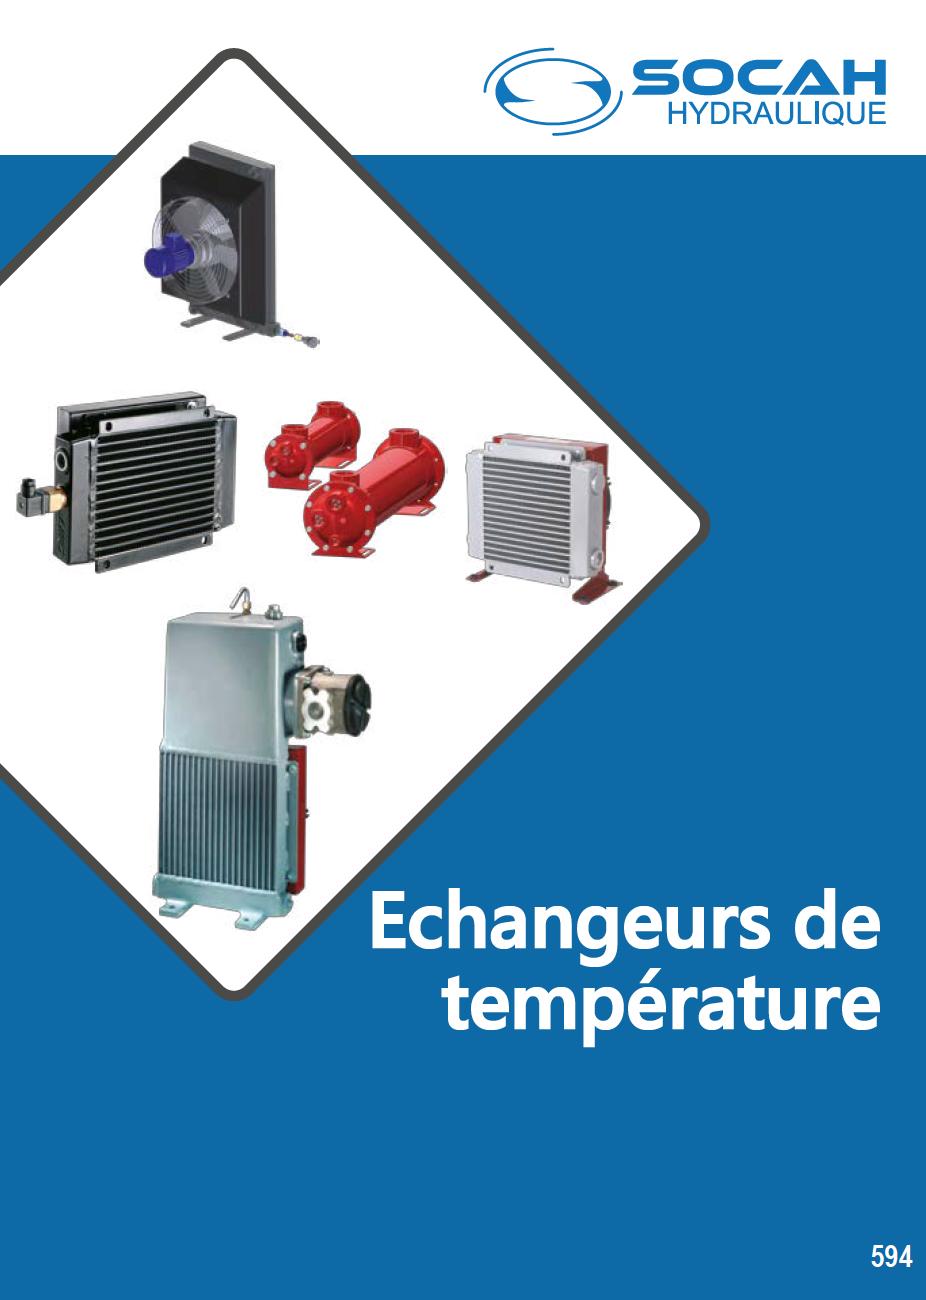 Fiche technique échangeurs de température